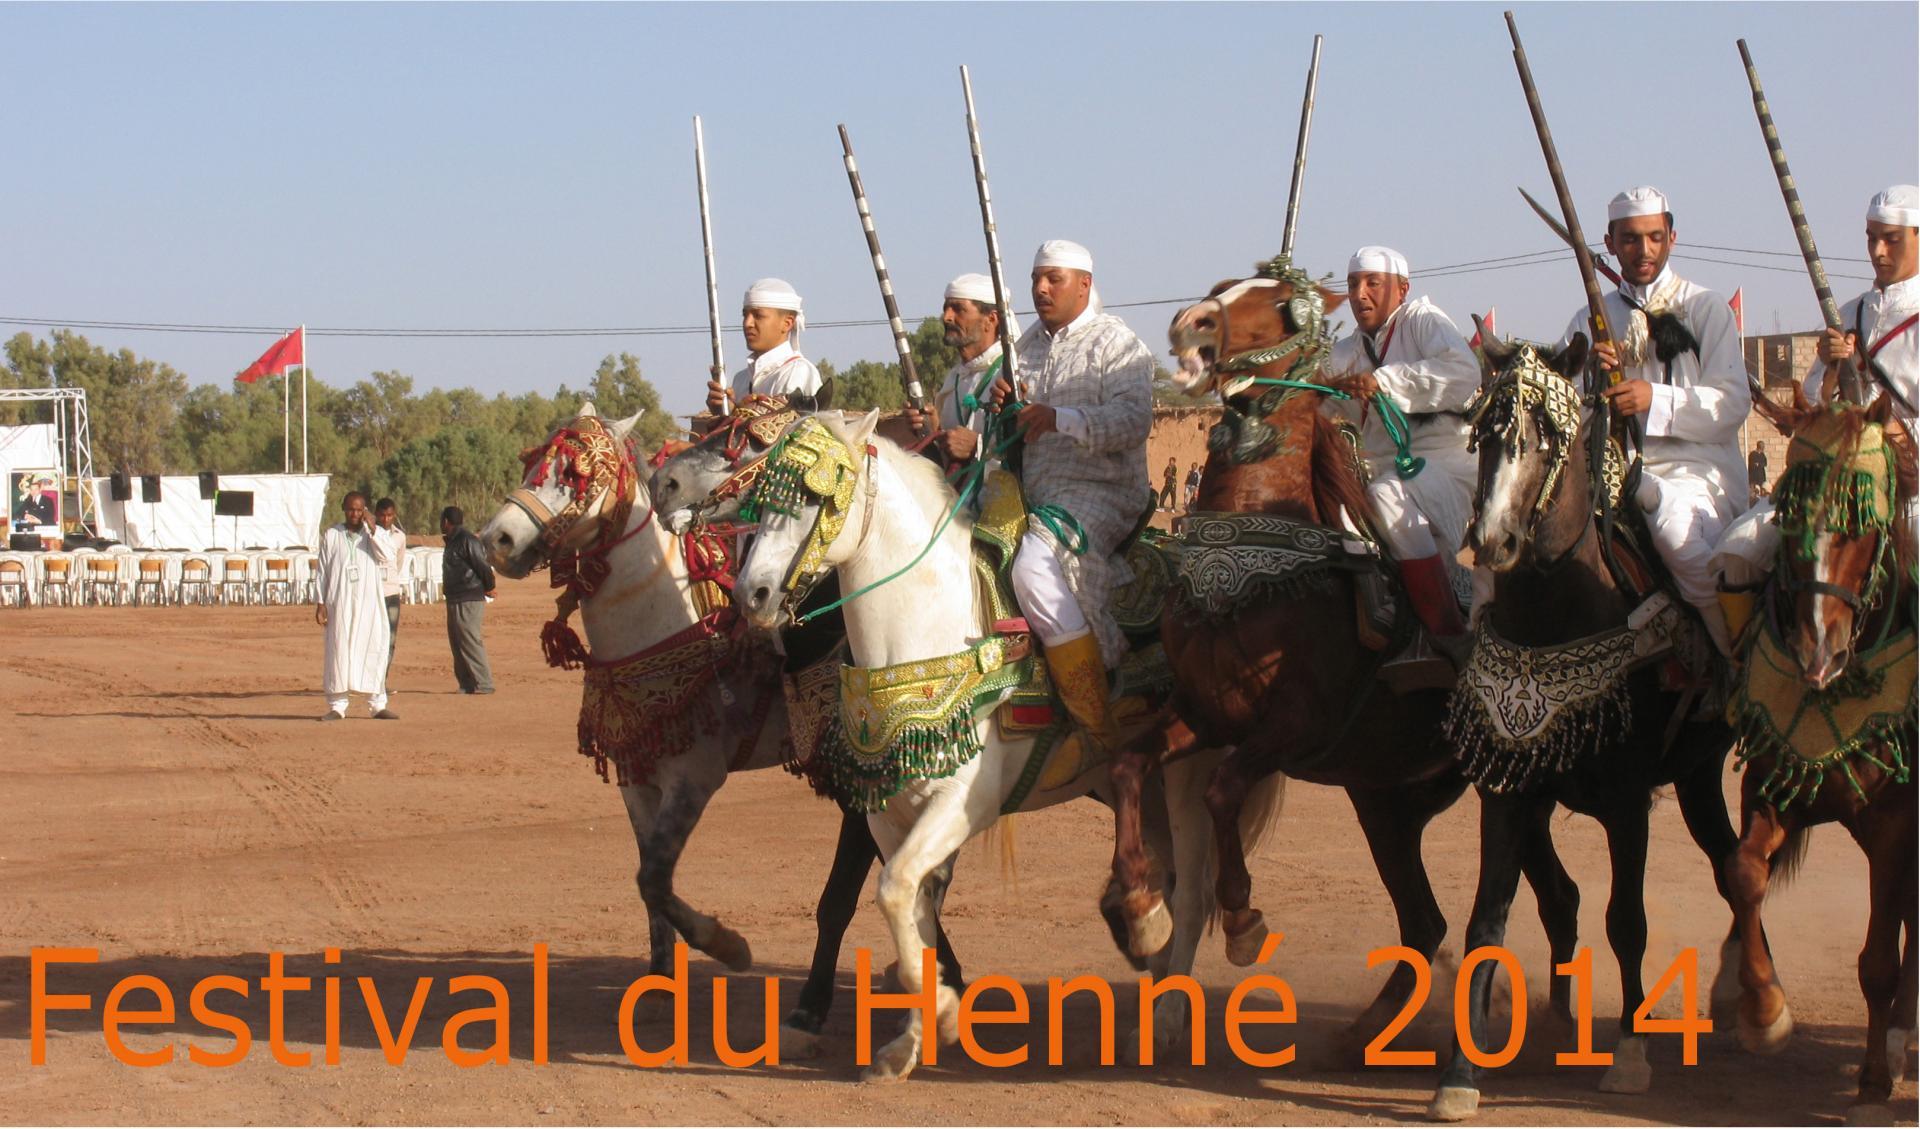 Le Festival du Henné 2014